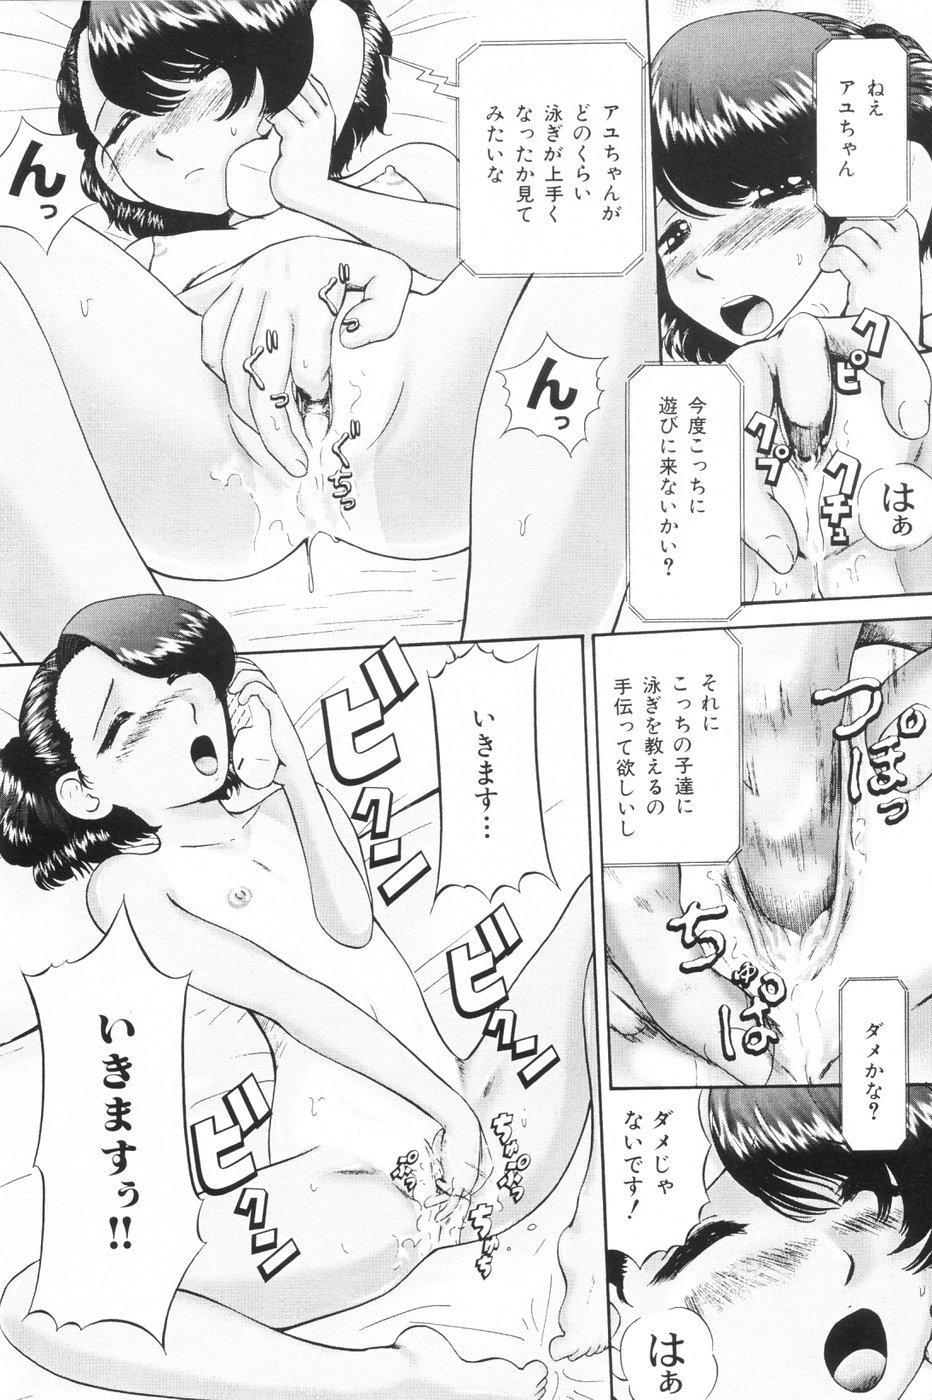 Koneko Genki!! - Powerful Pussycat!! 7